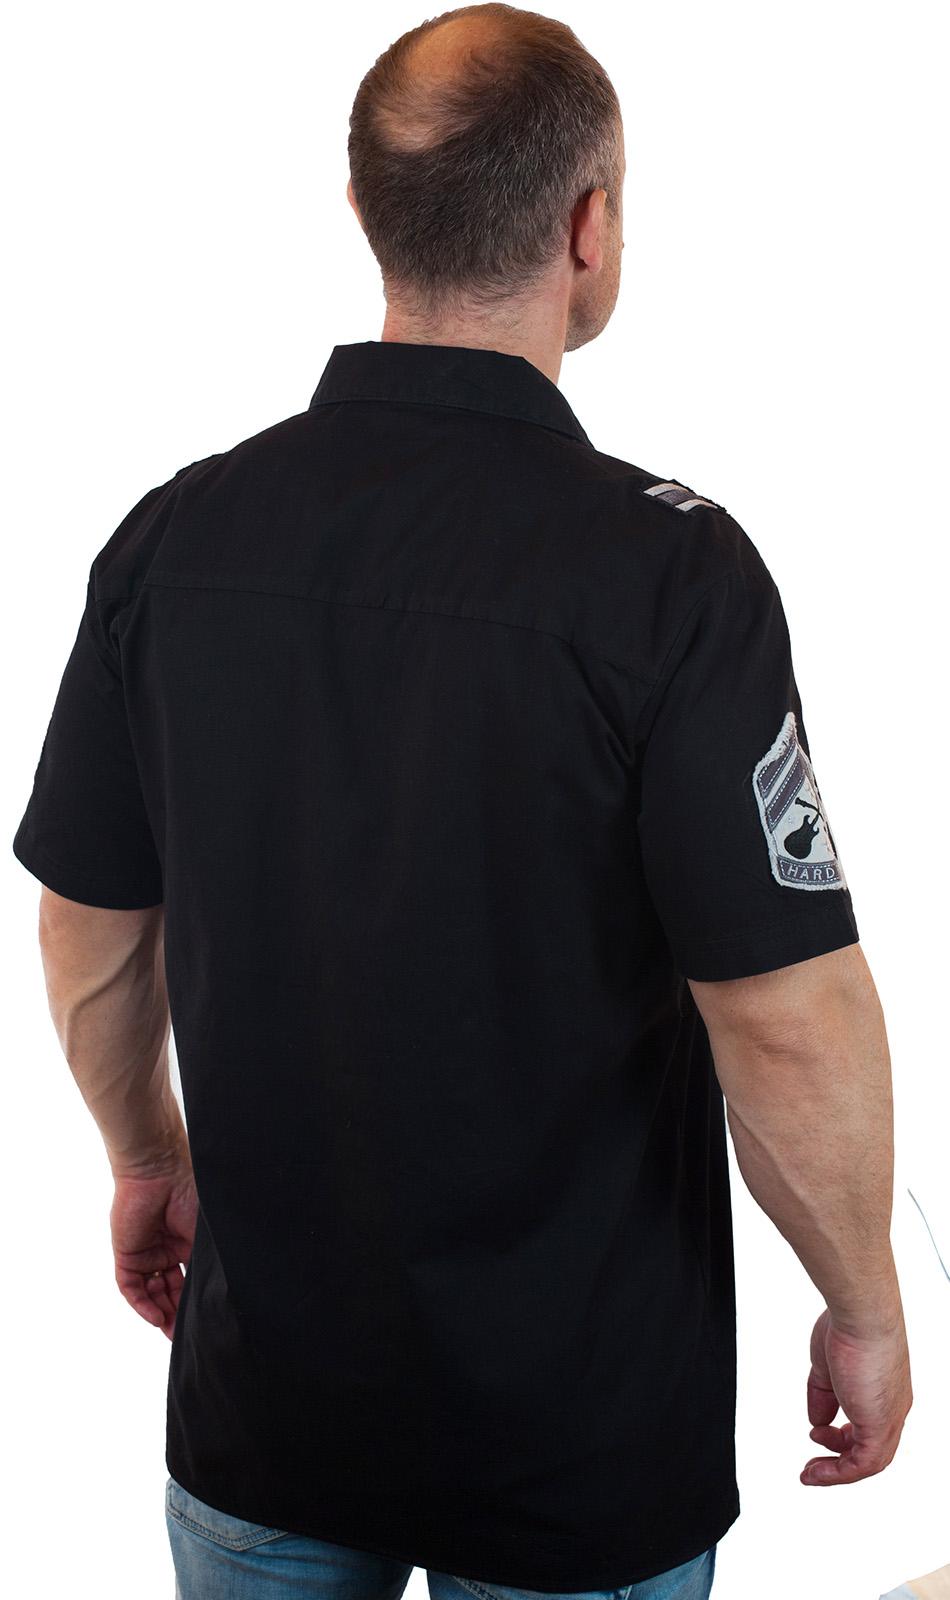 Черная рубашка Hard Rock для знатоков стиля с доставкой